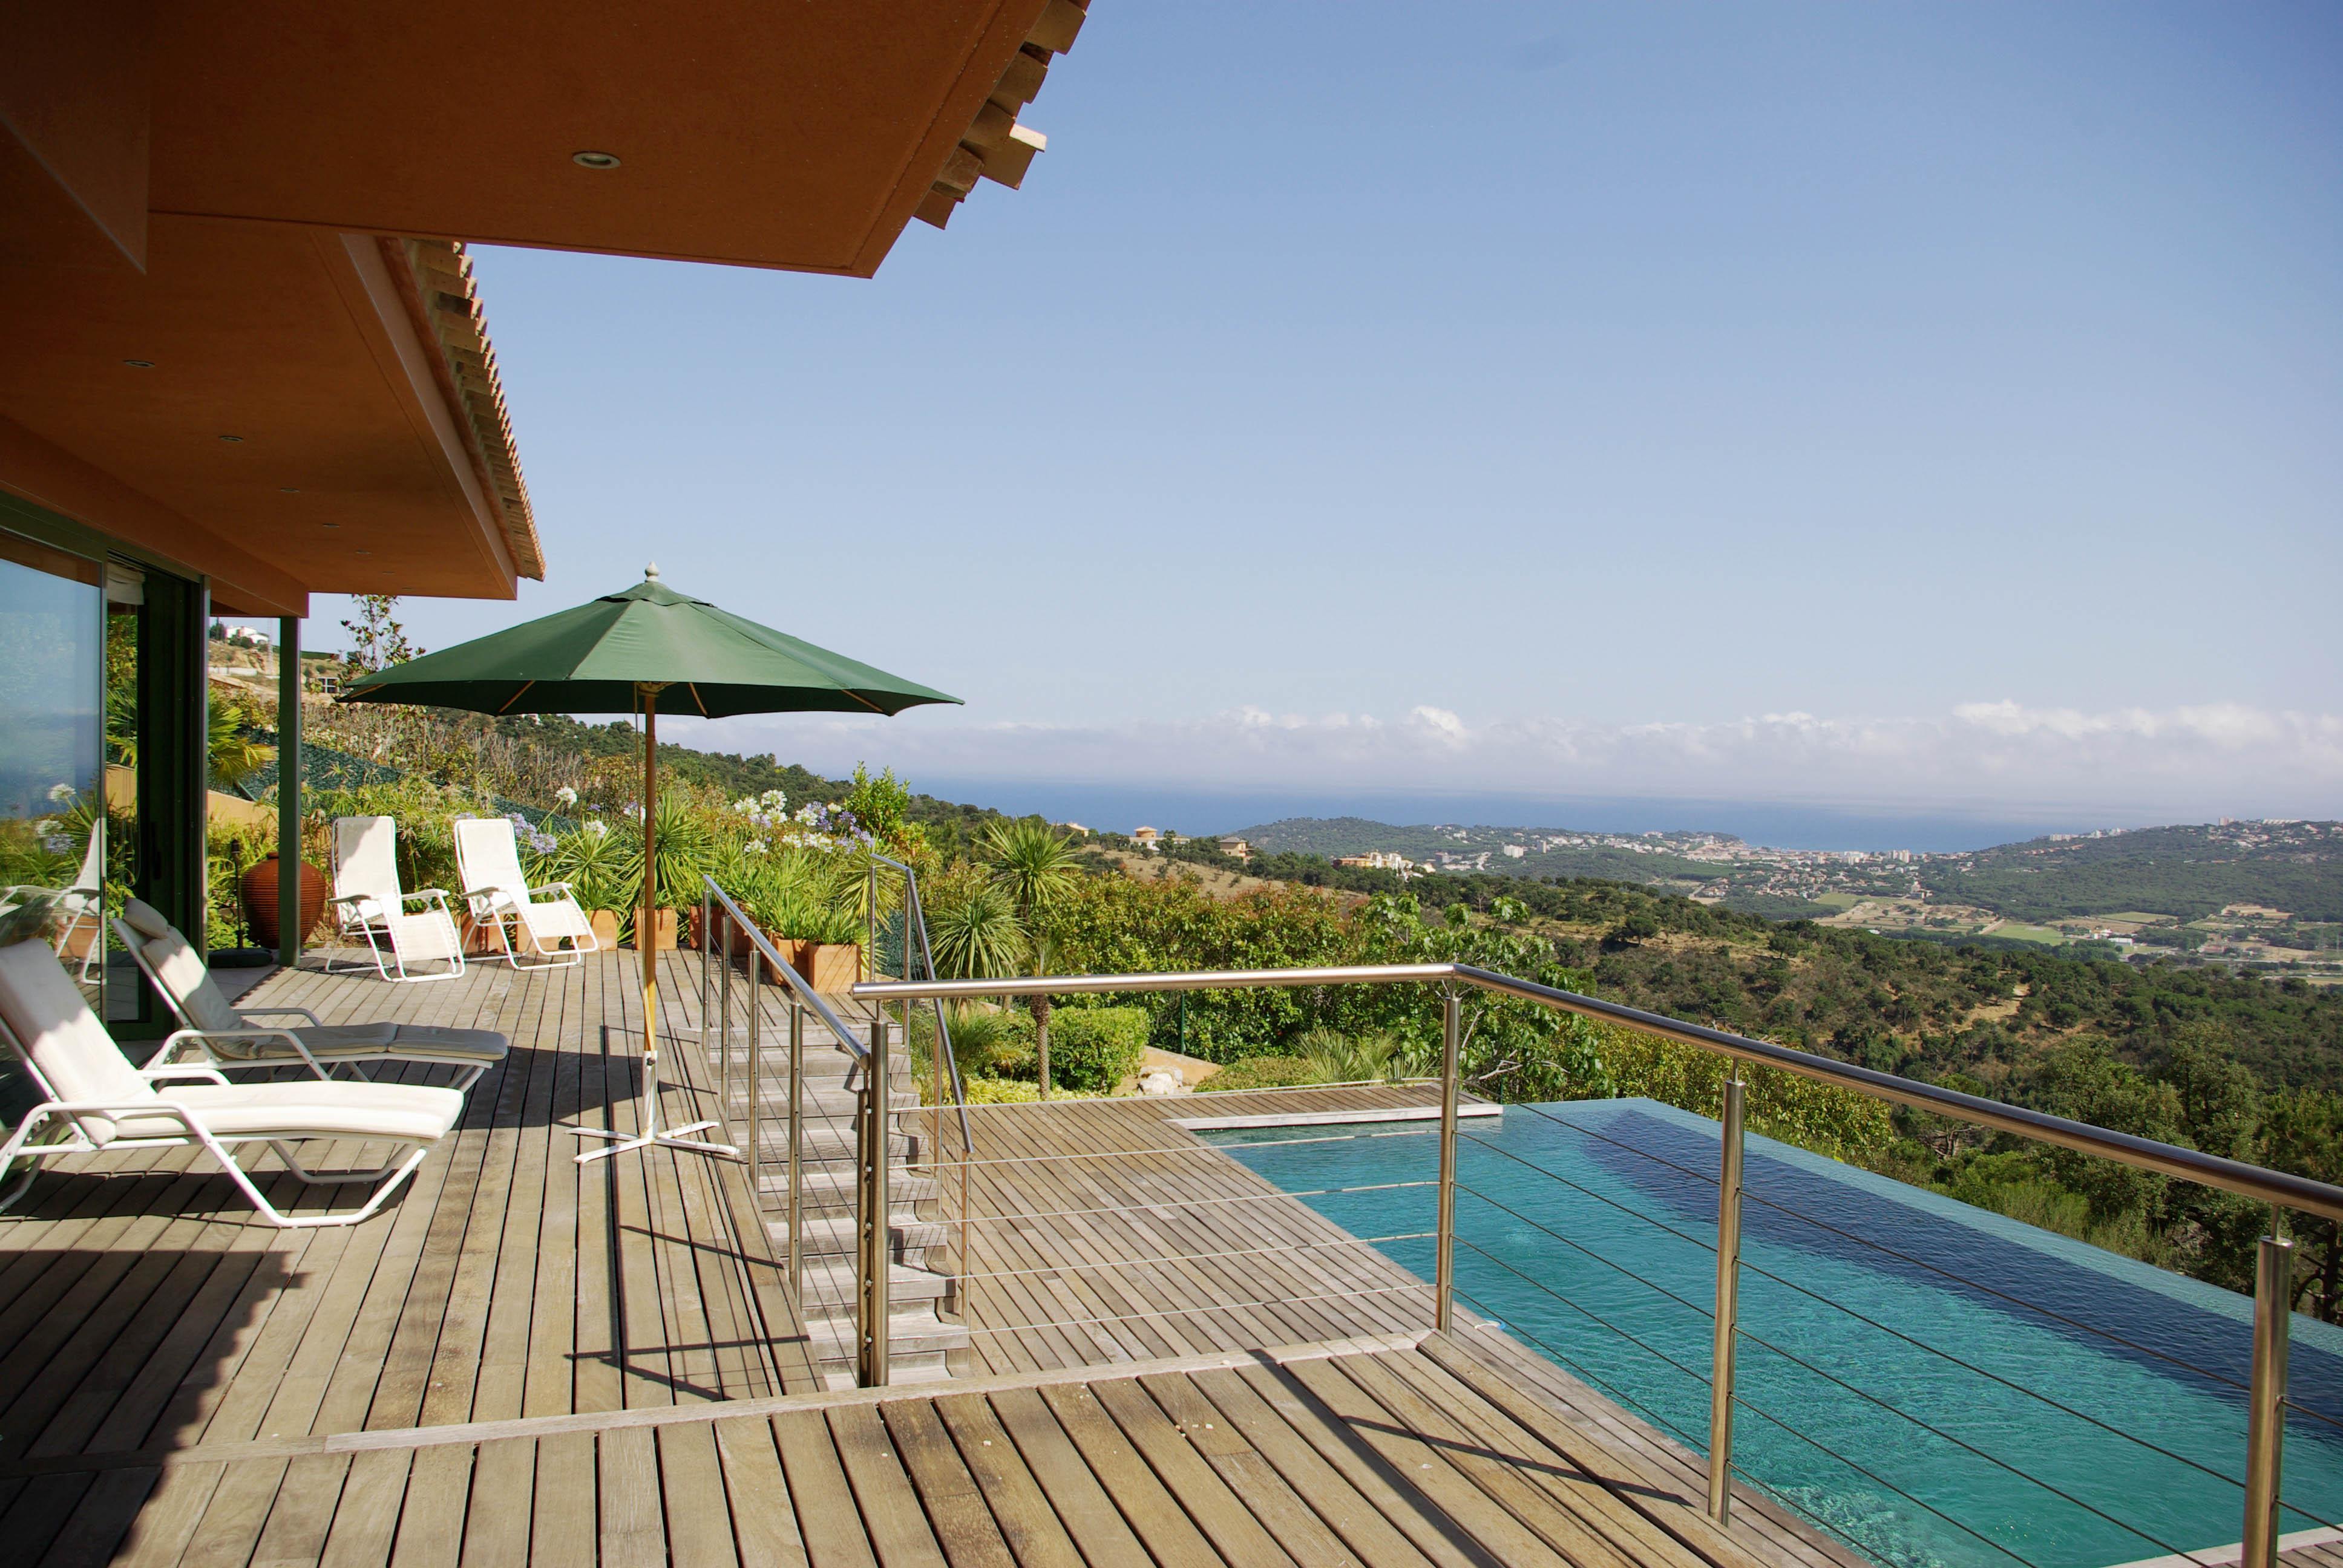 Einfamilienhaus für Verkauf beim Villa for sale with amazing panoramic views in Playa de Aro Playa De Aro, Costa Brava 17250 Spanien